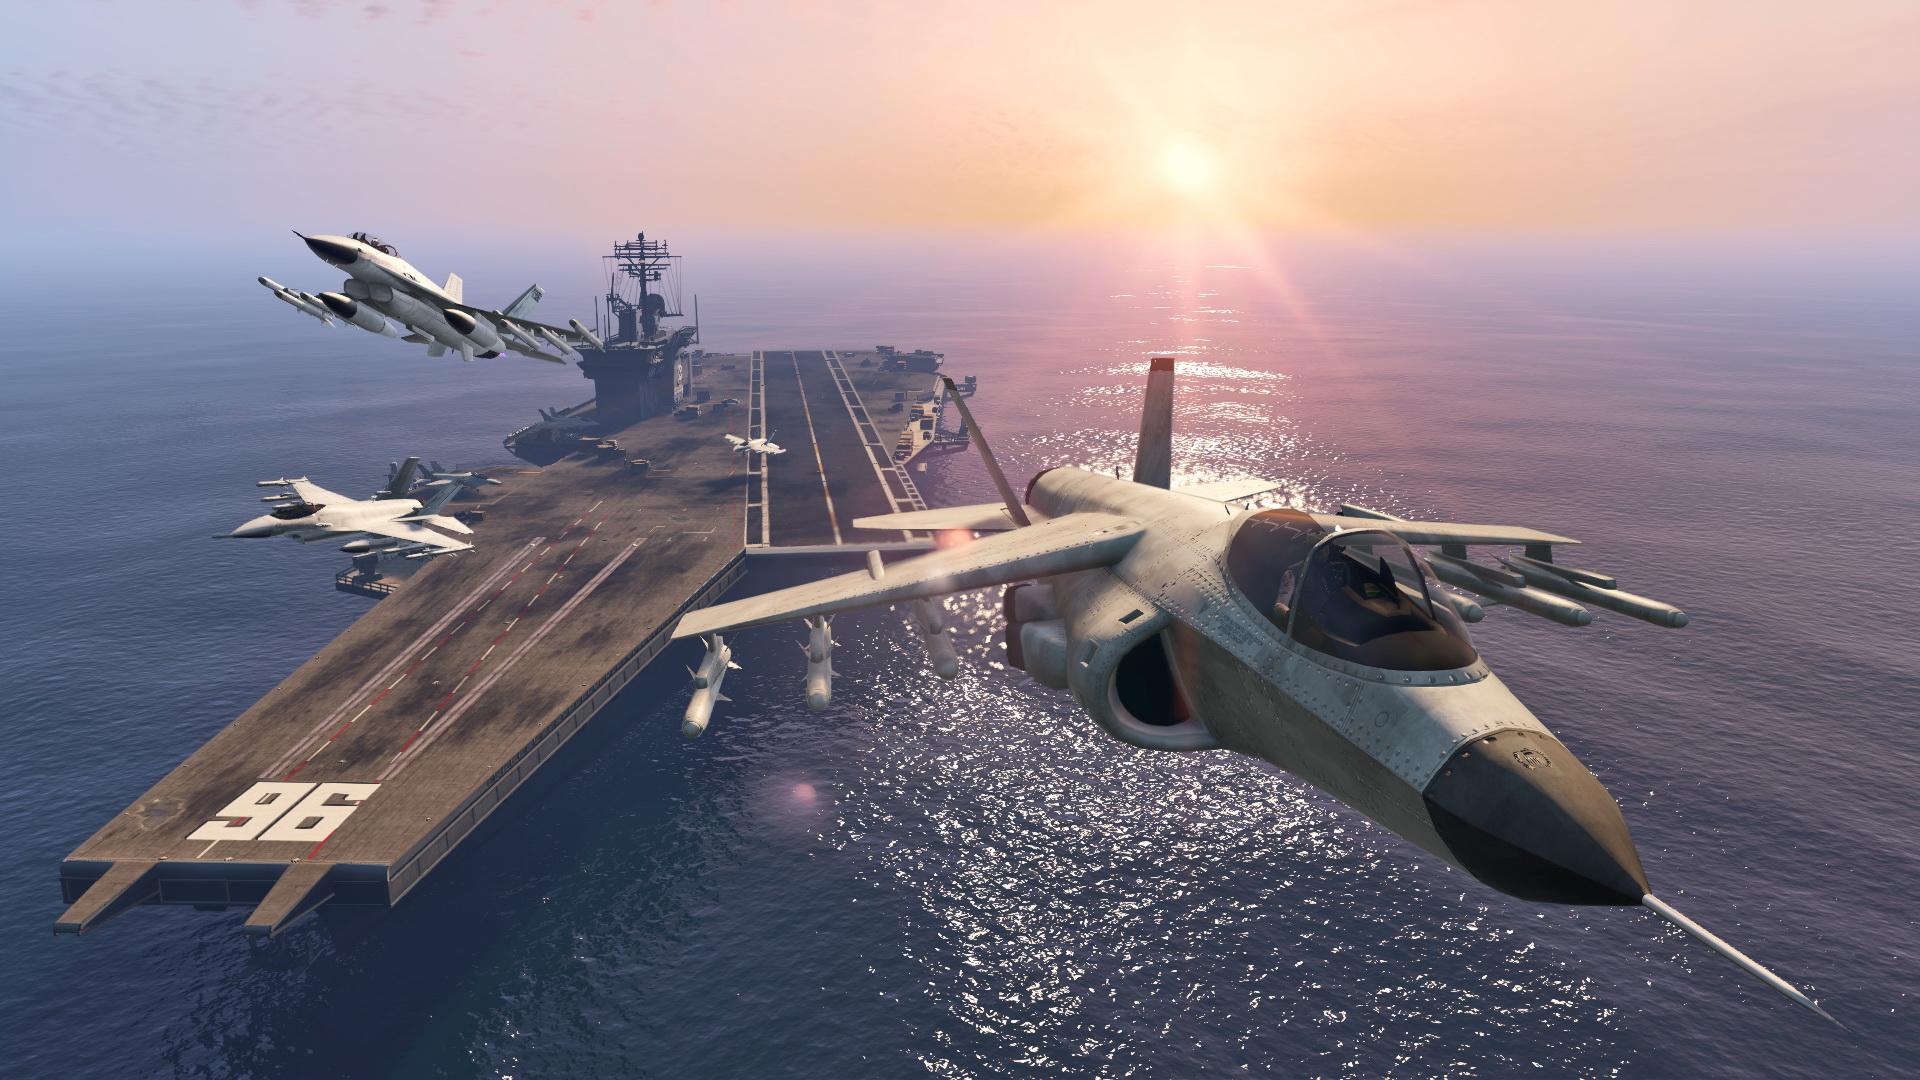 Gta 5 Online Flugzeuge